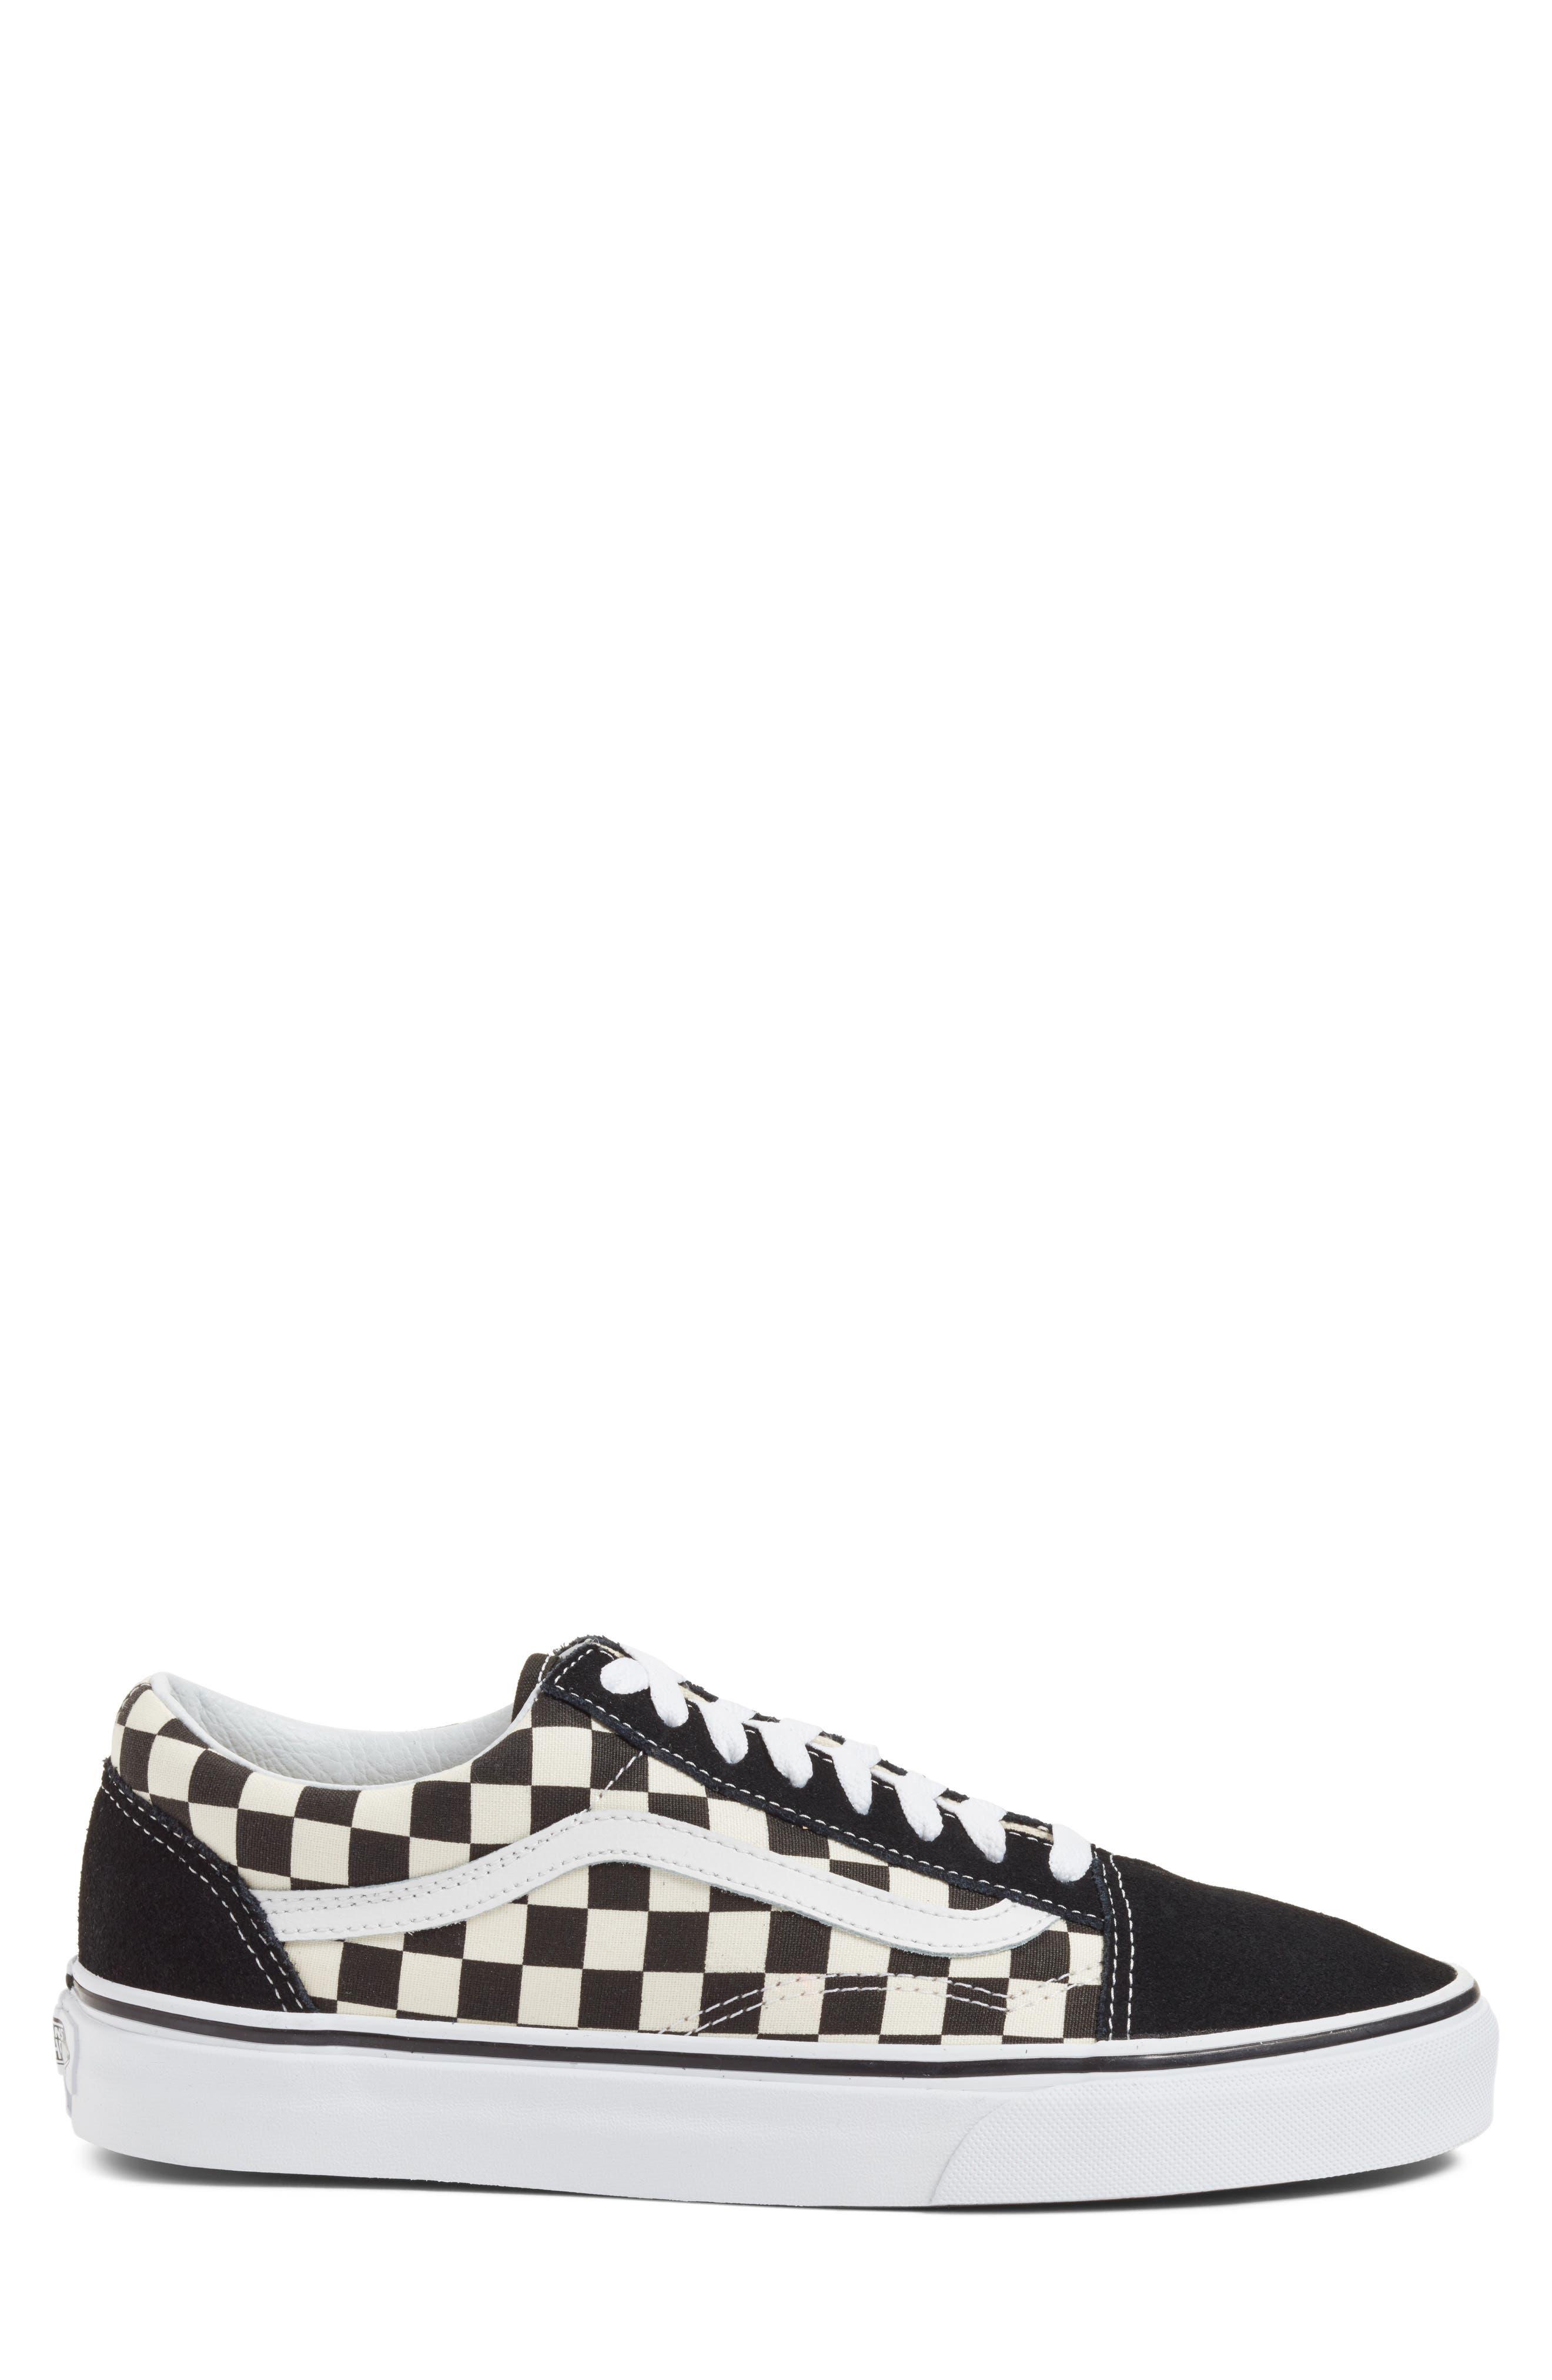 Alternate Image 3  - Vans Old Skool Sneaker (Men)